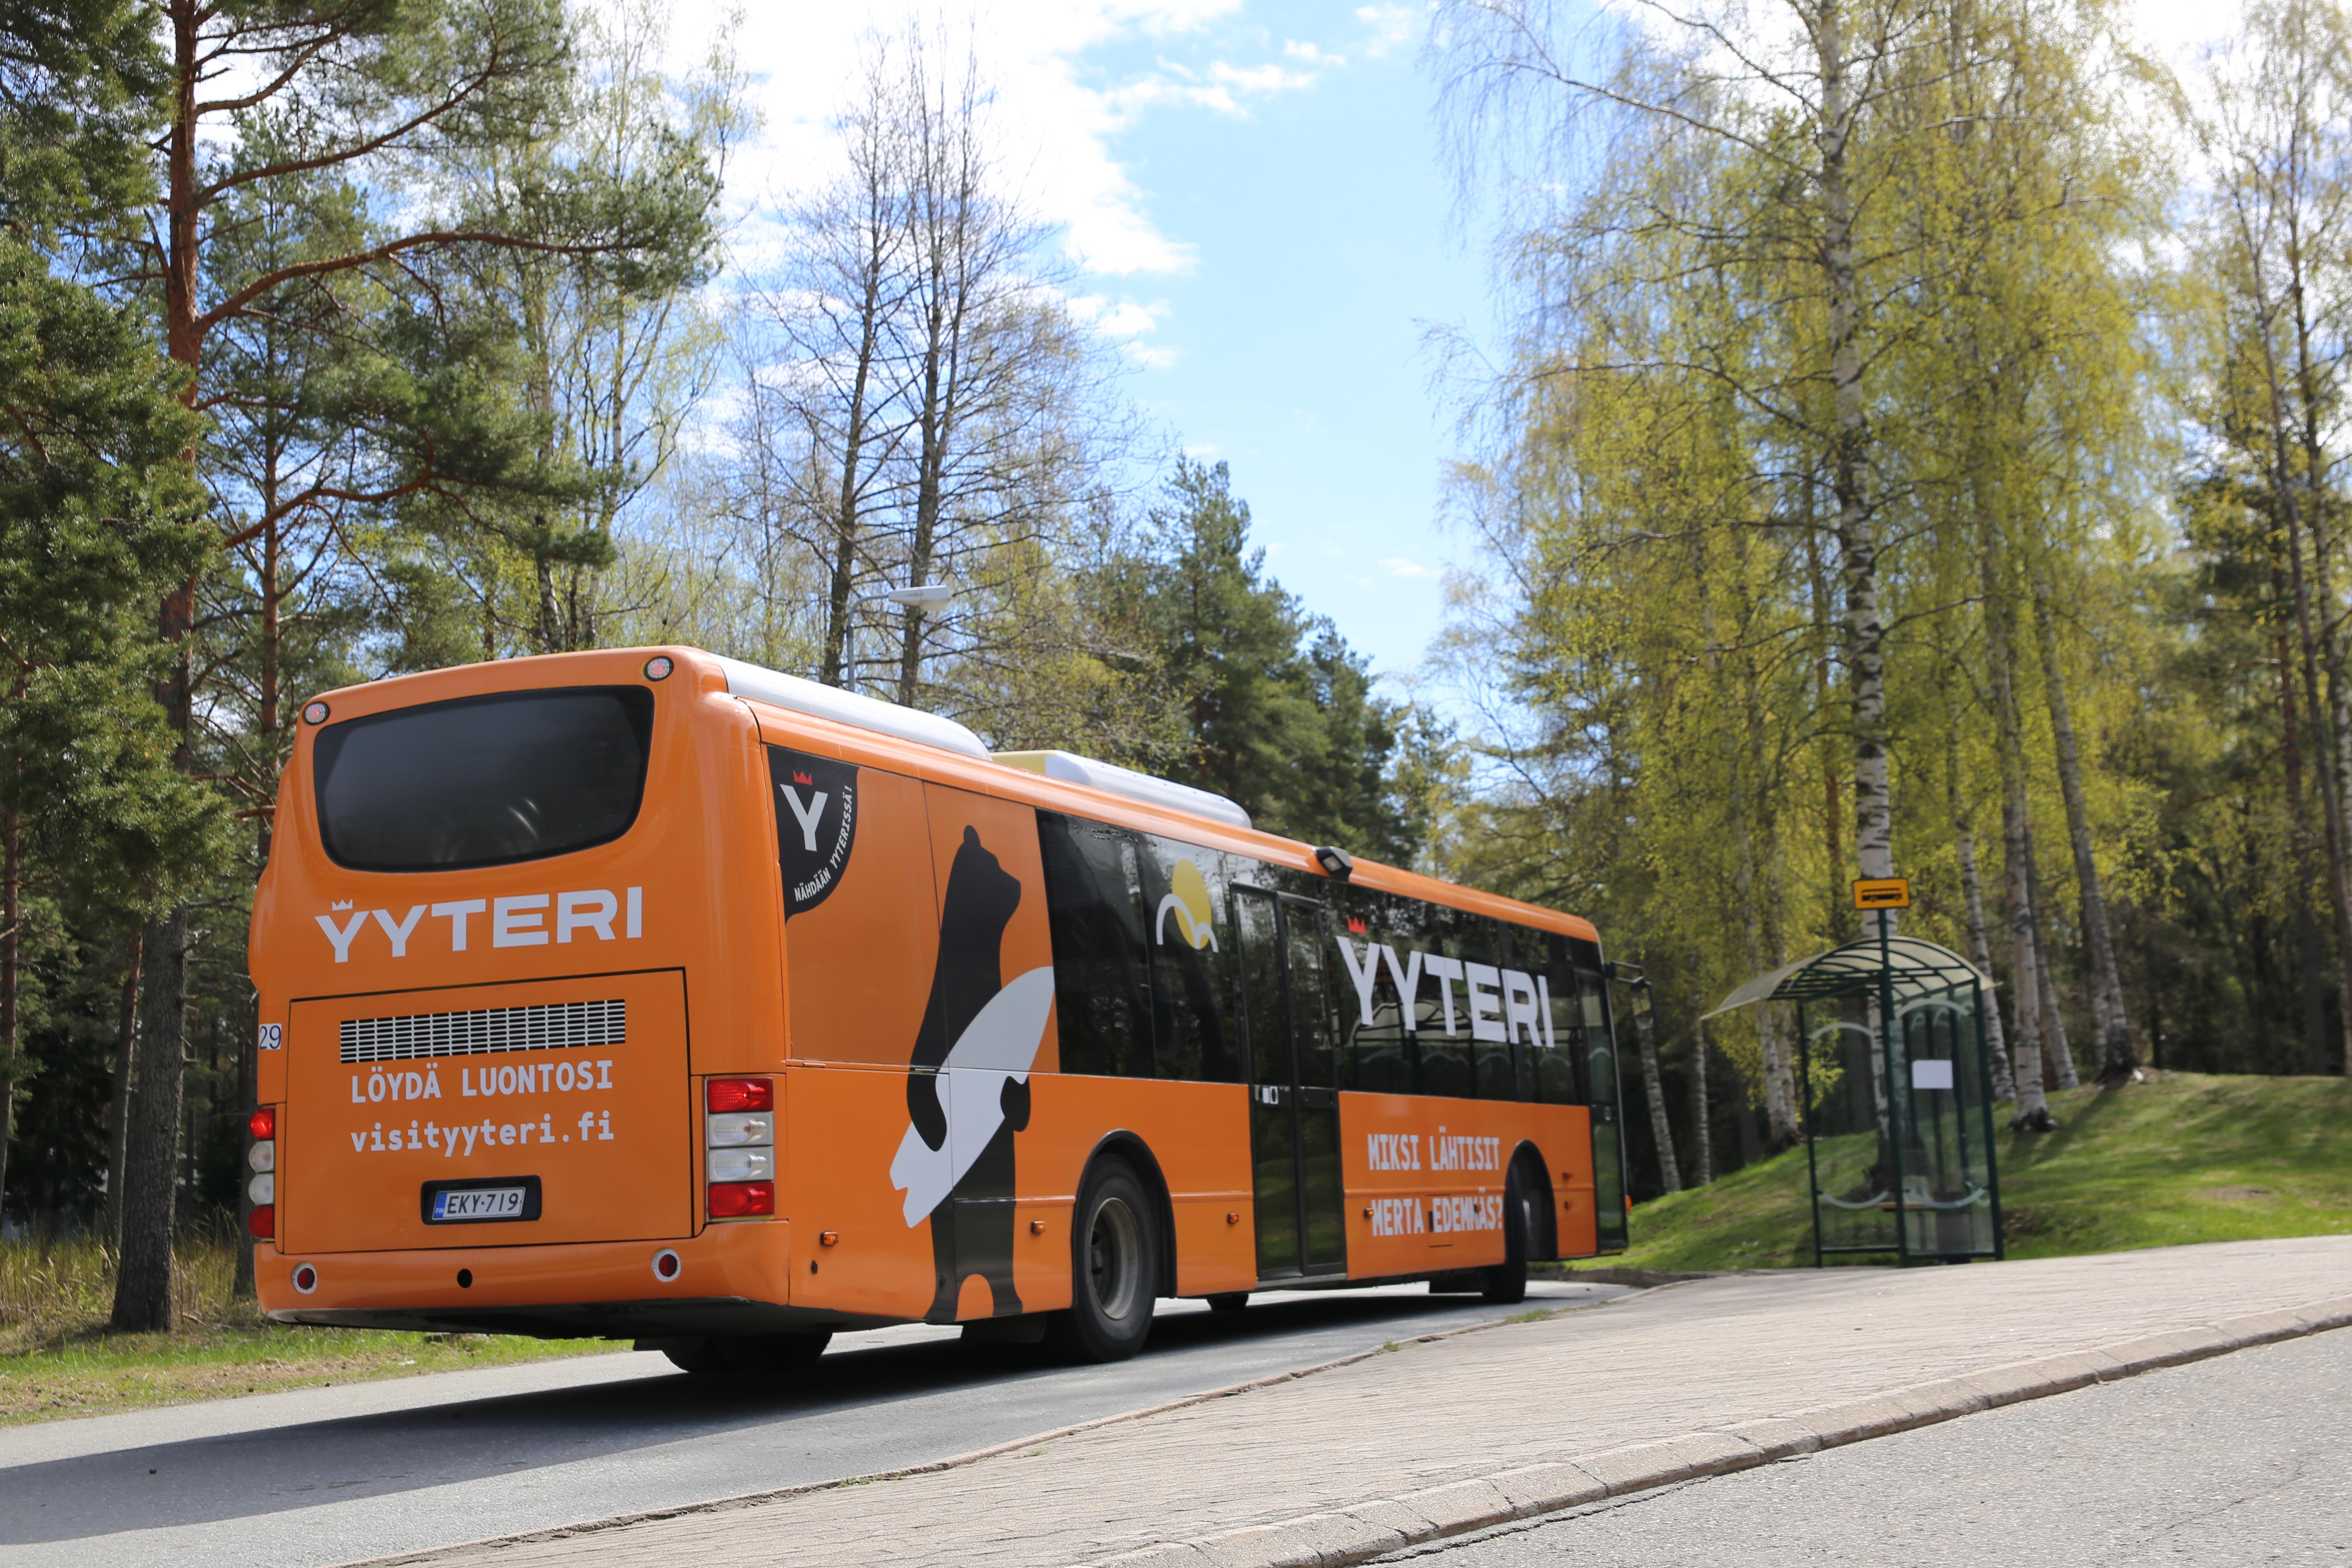 Bussilla pikapikaa Yyteriin